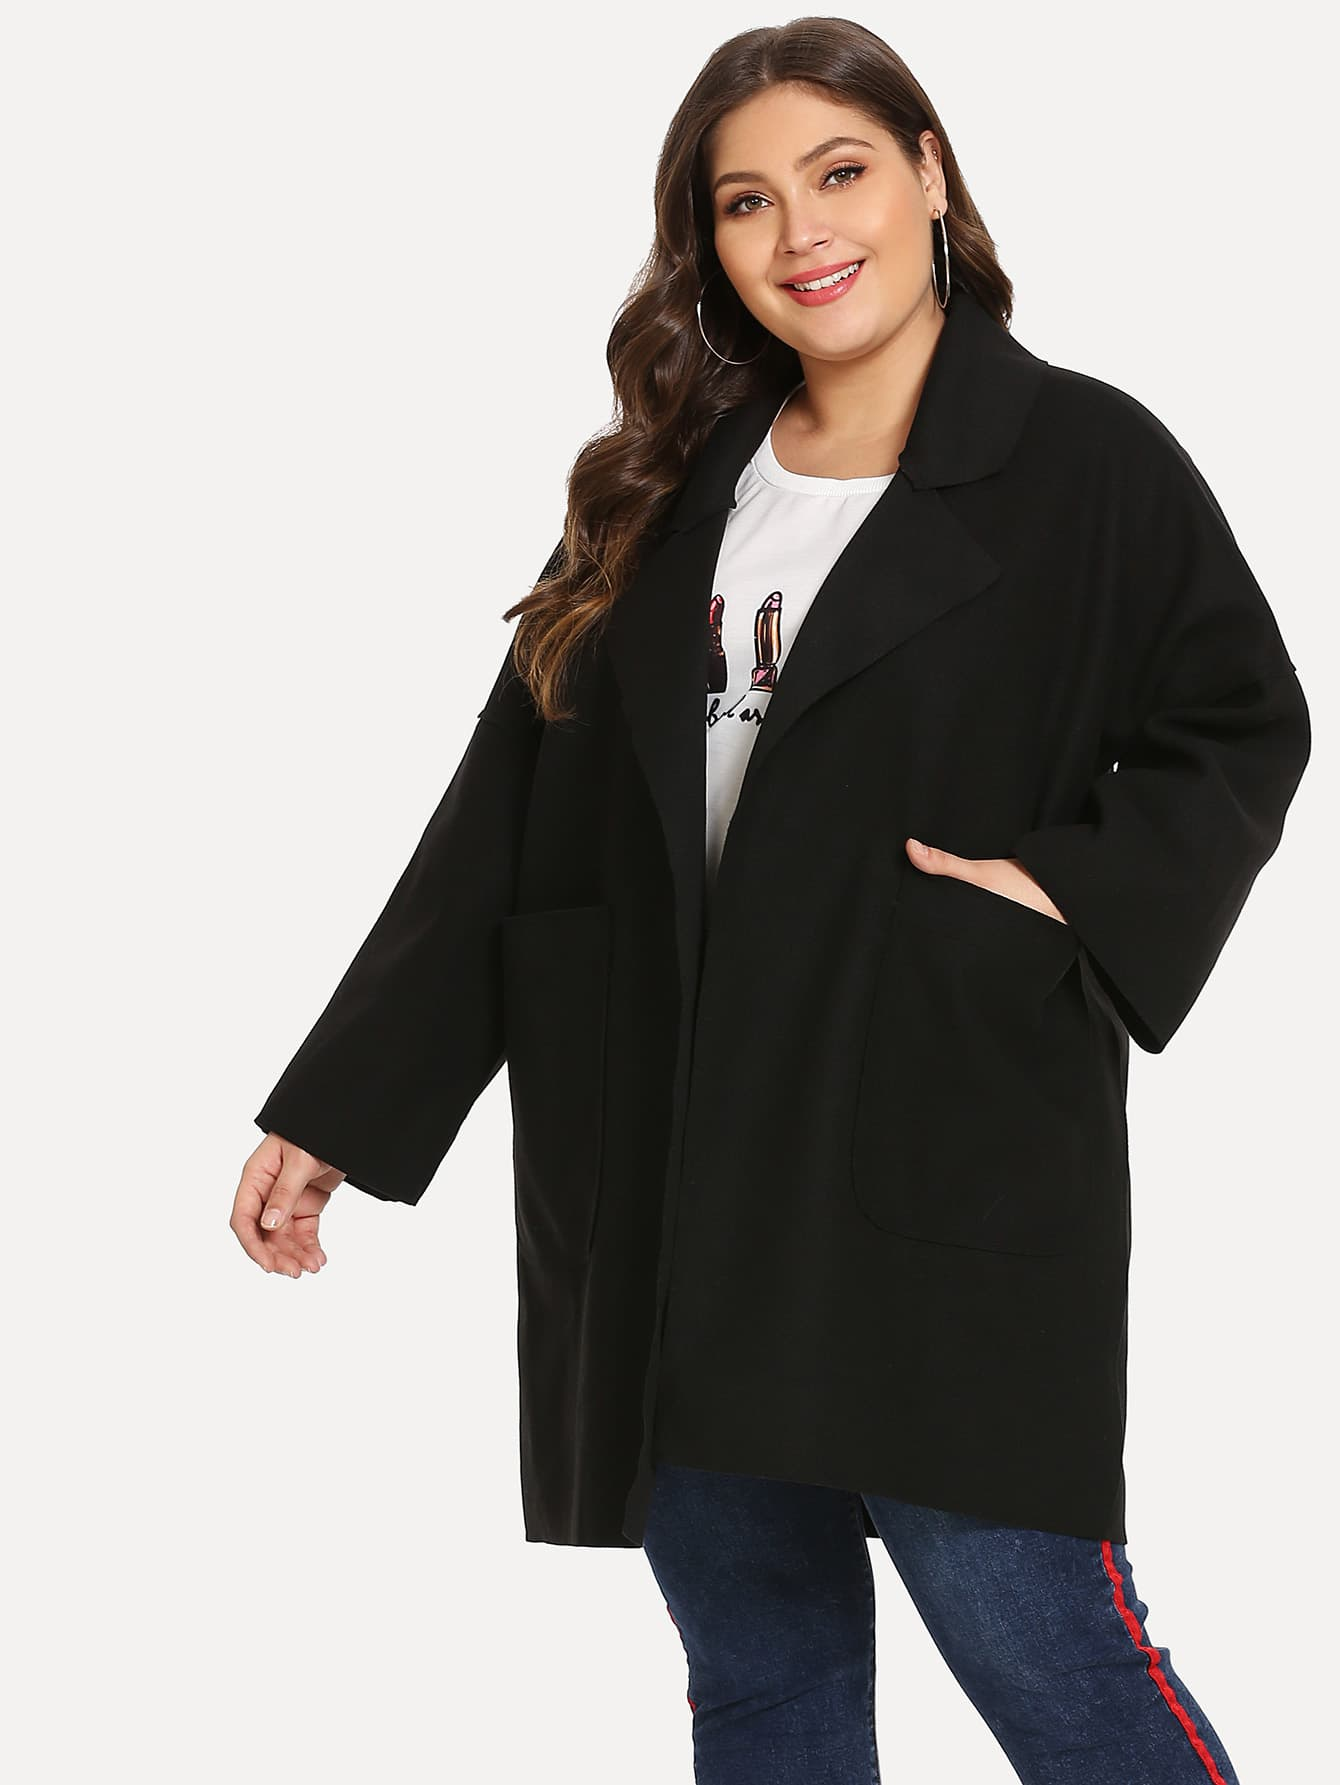 Фото - Плюс размеры одноцветное пальто с карманом от SheIn цвет чёрные